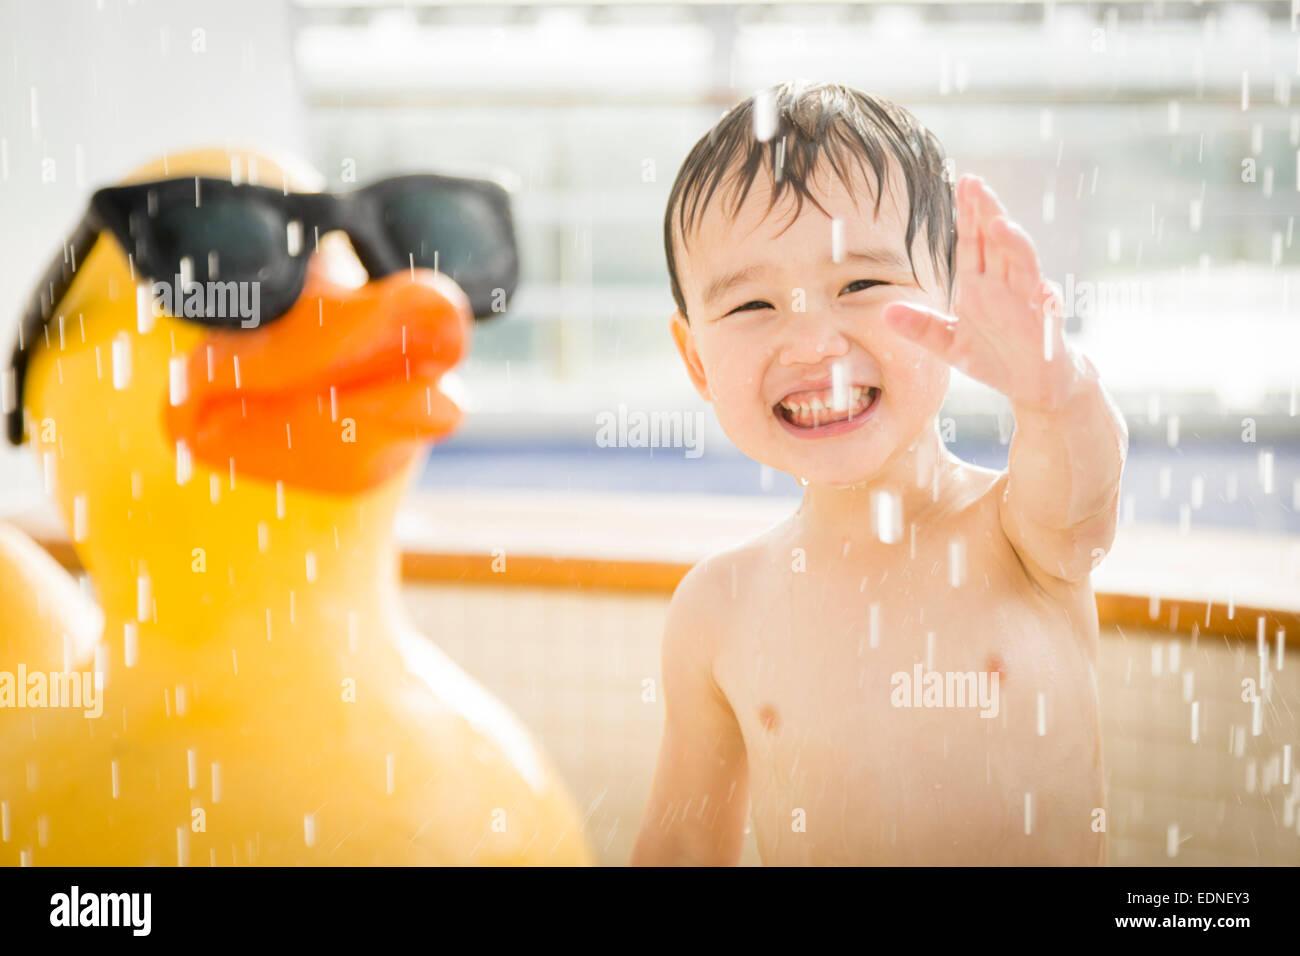 Mixed Race Boy s'amuser au parc aquatique avec grand canard en caoutchouc à l'arrière-plan. Banque D'Images